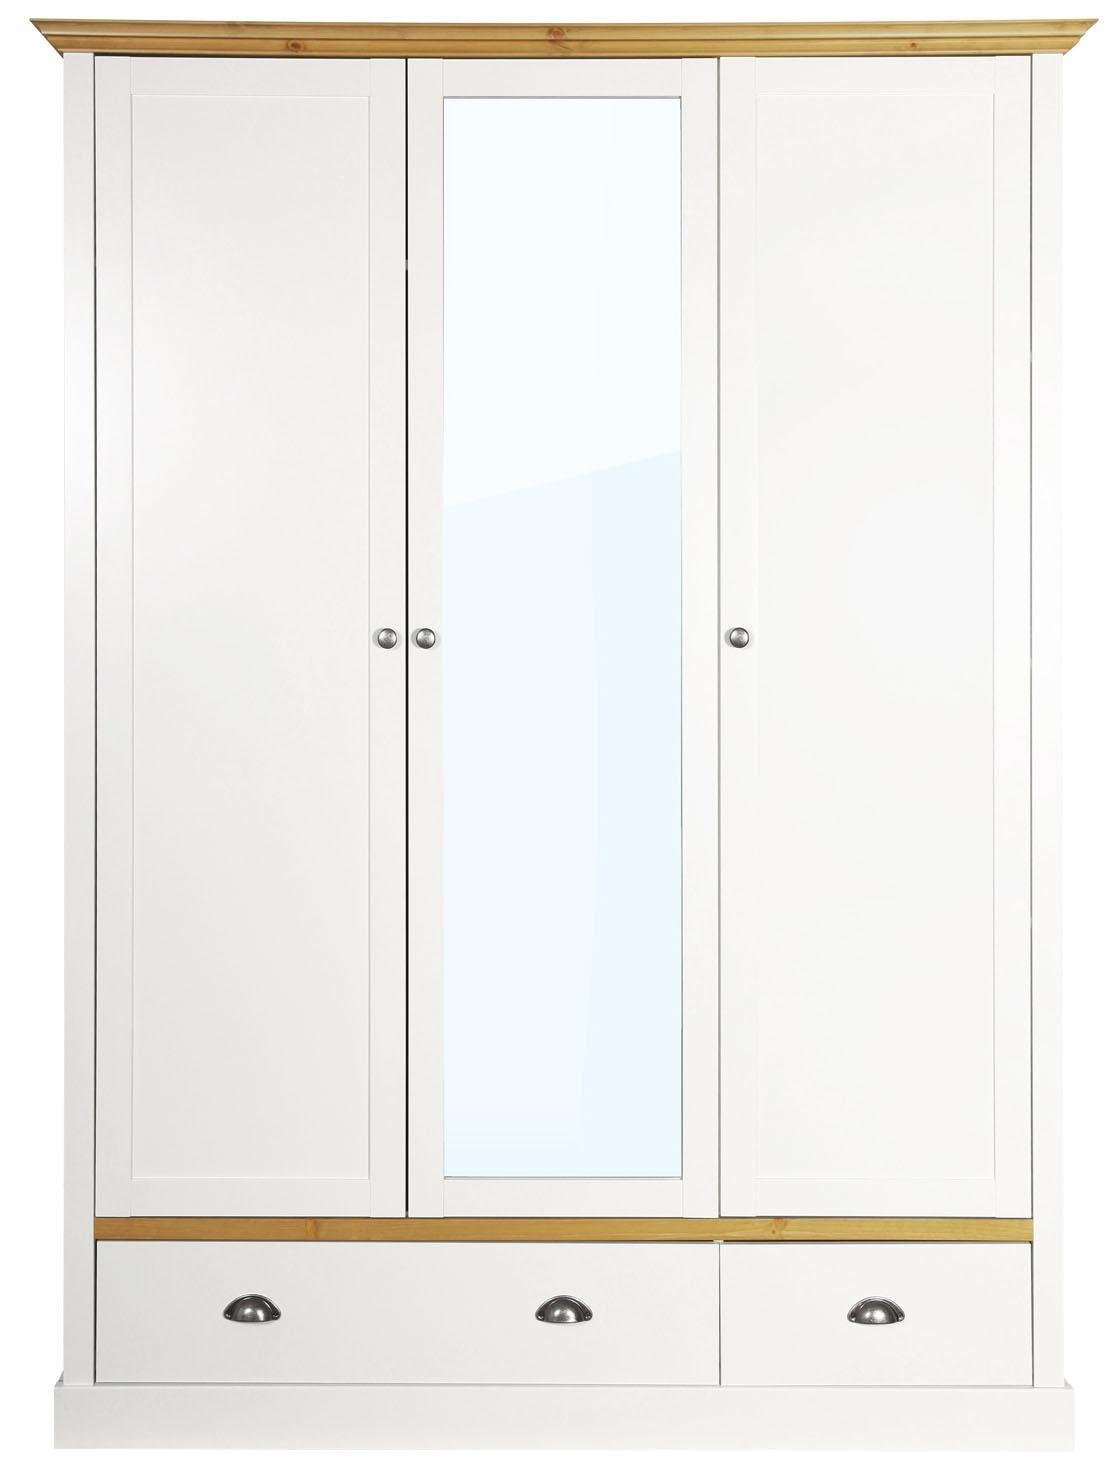 Home affaire Kleiderschrank »Sandringham«, mit 2 Schubladen und 3 Türen, Br günstig online kaufen